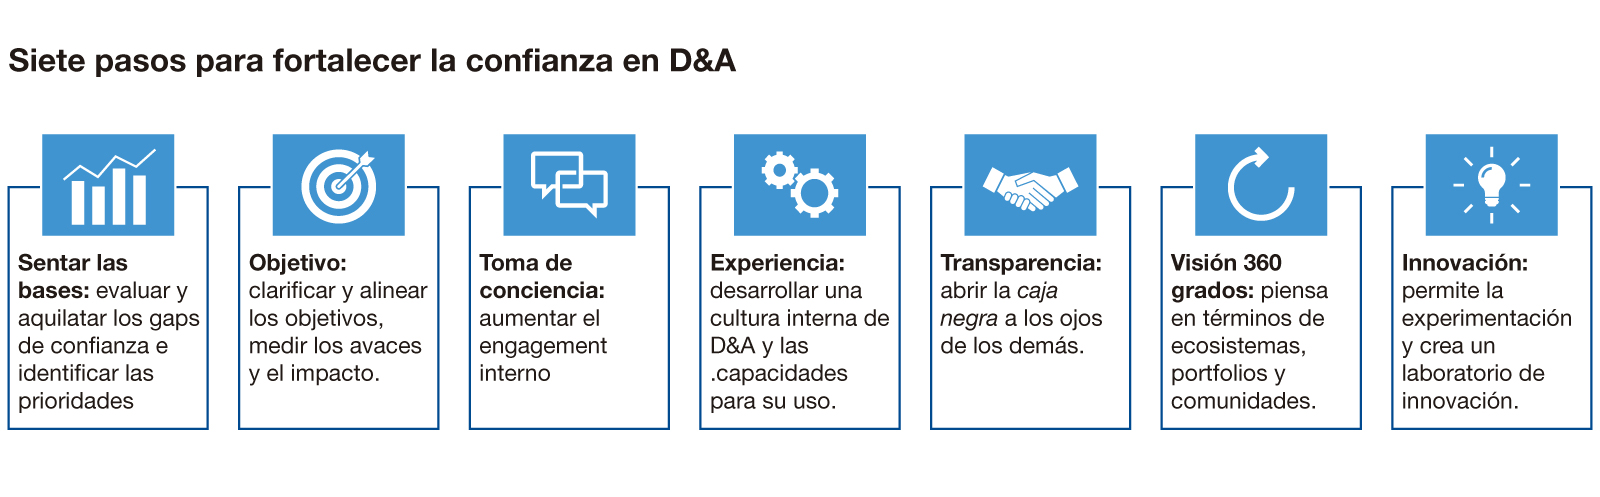 Siete pasos para fortalecer la confianza en Data & Analytics